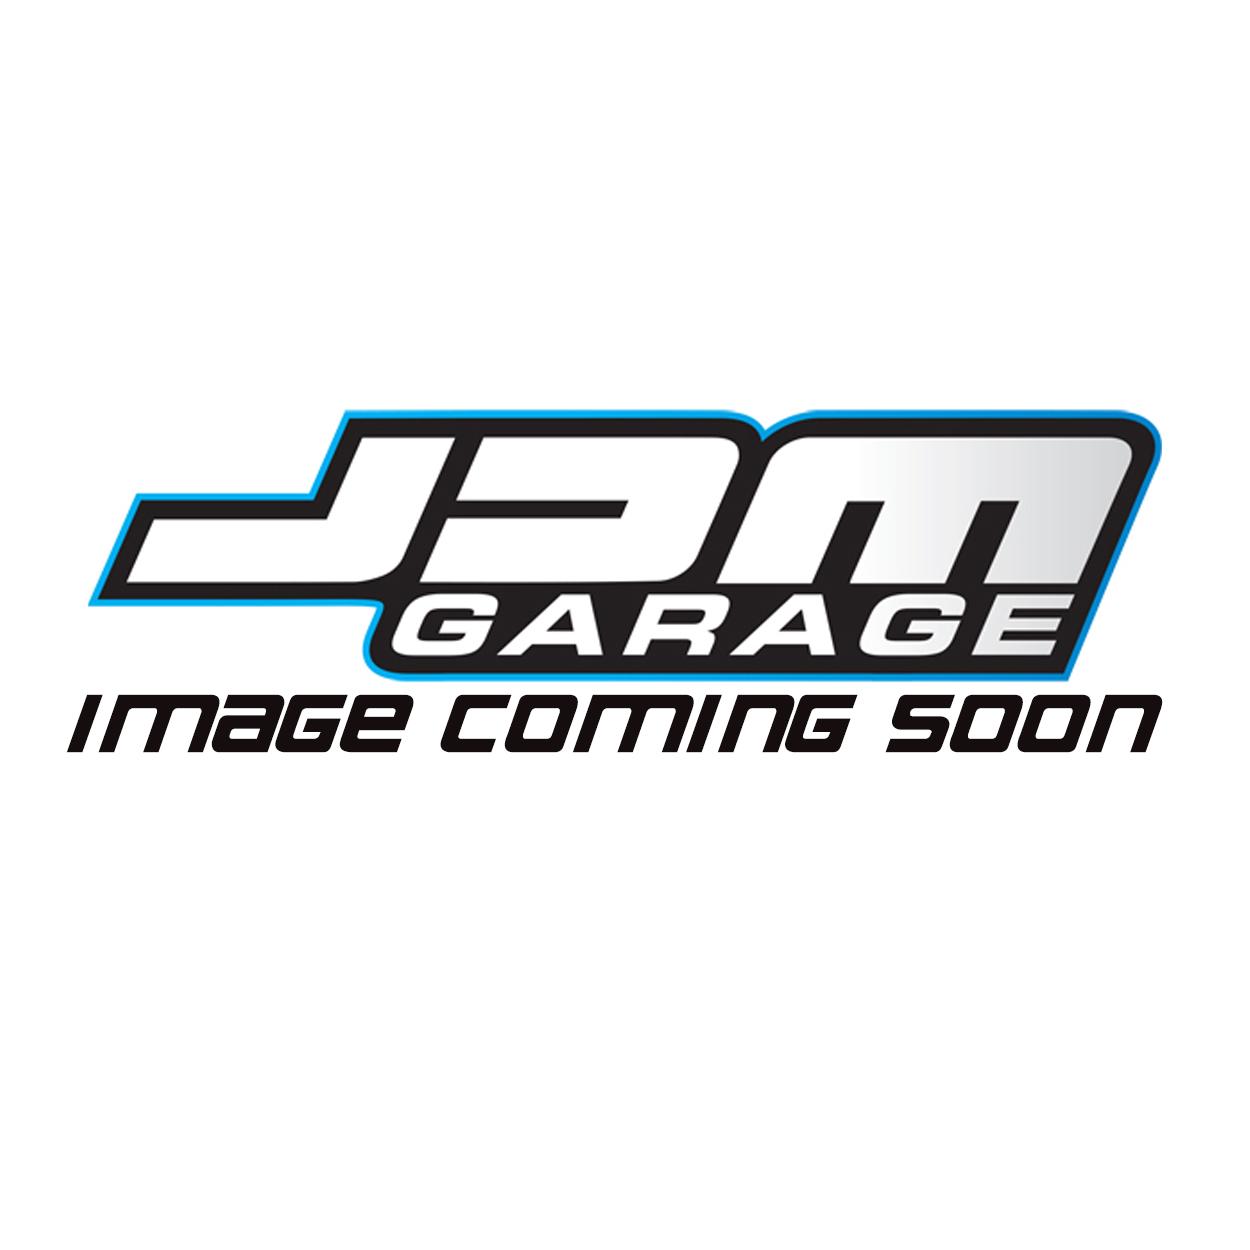 R35 GT-R Air Flow Meter Sensor Upgrade Kit For RB20/25/26 SR20